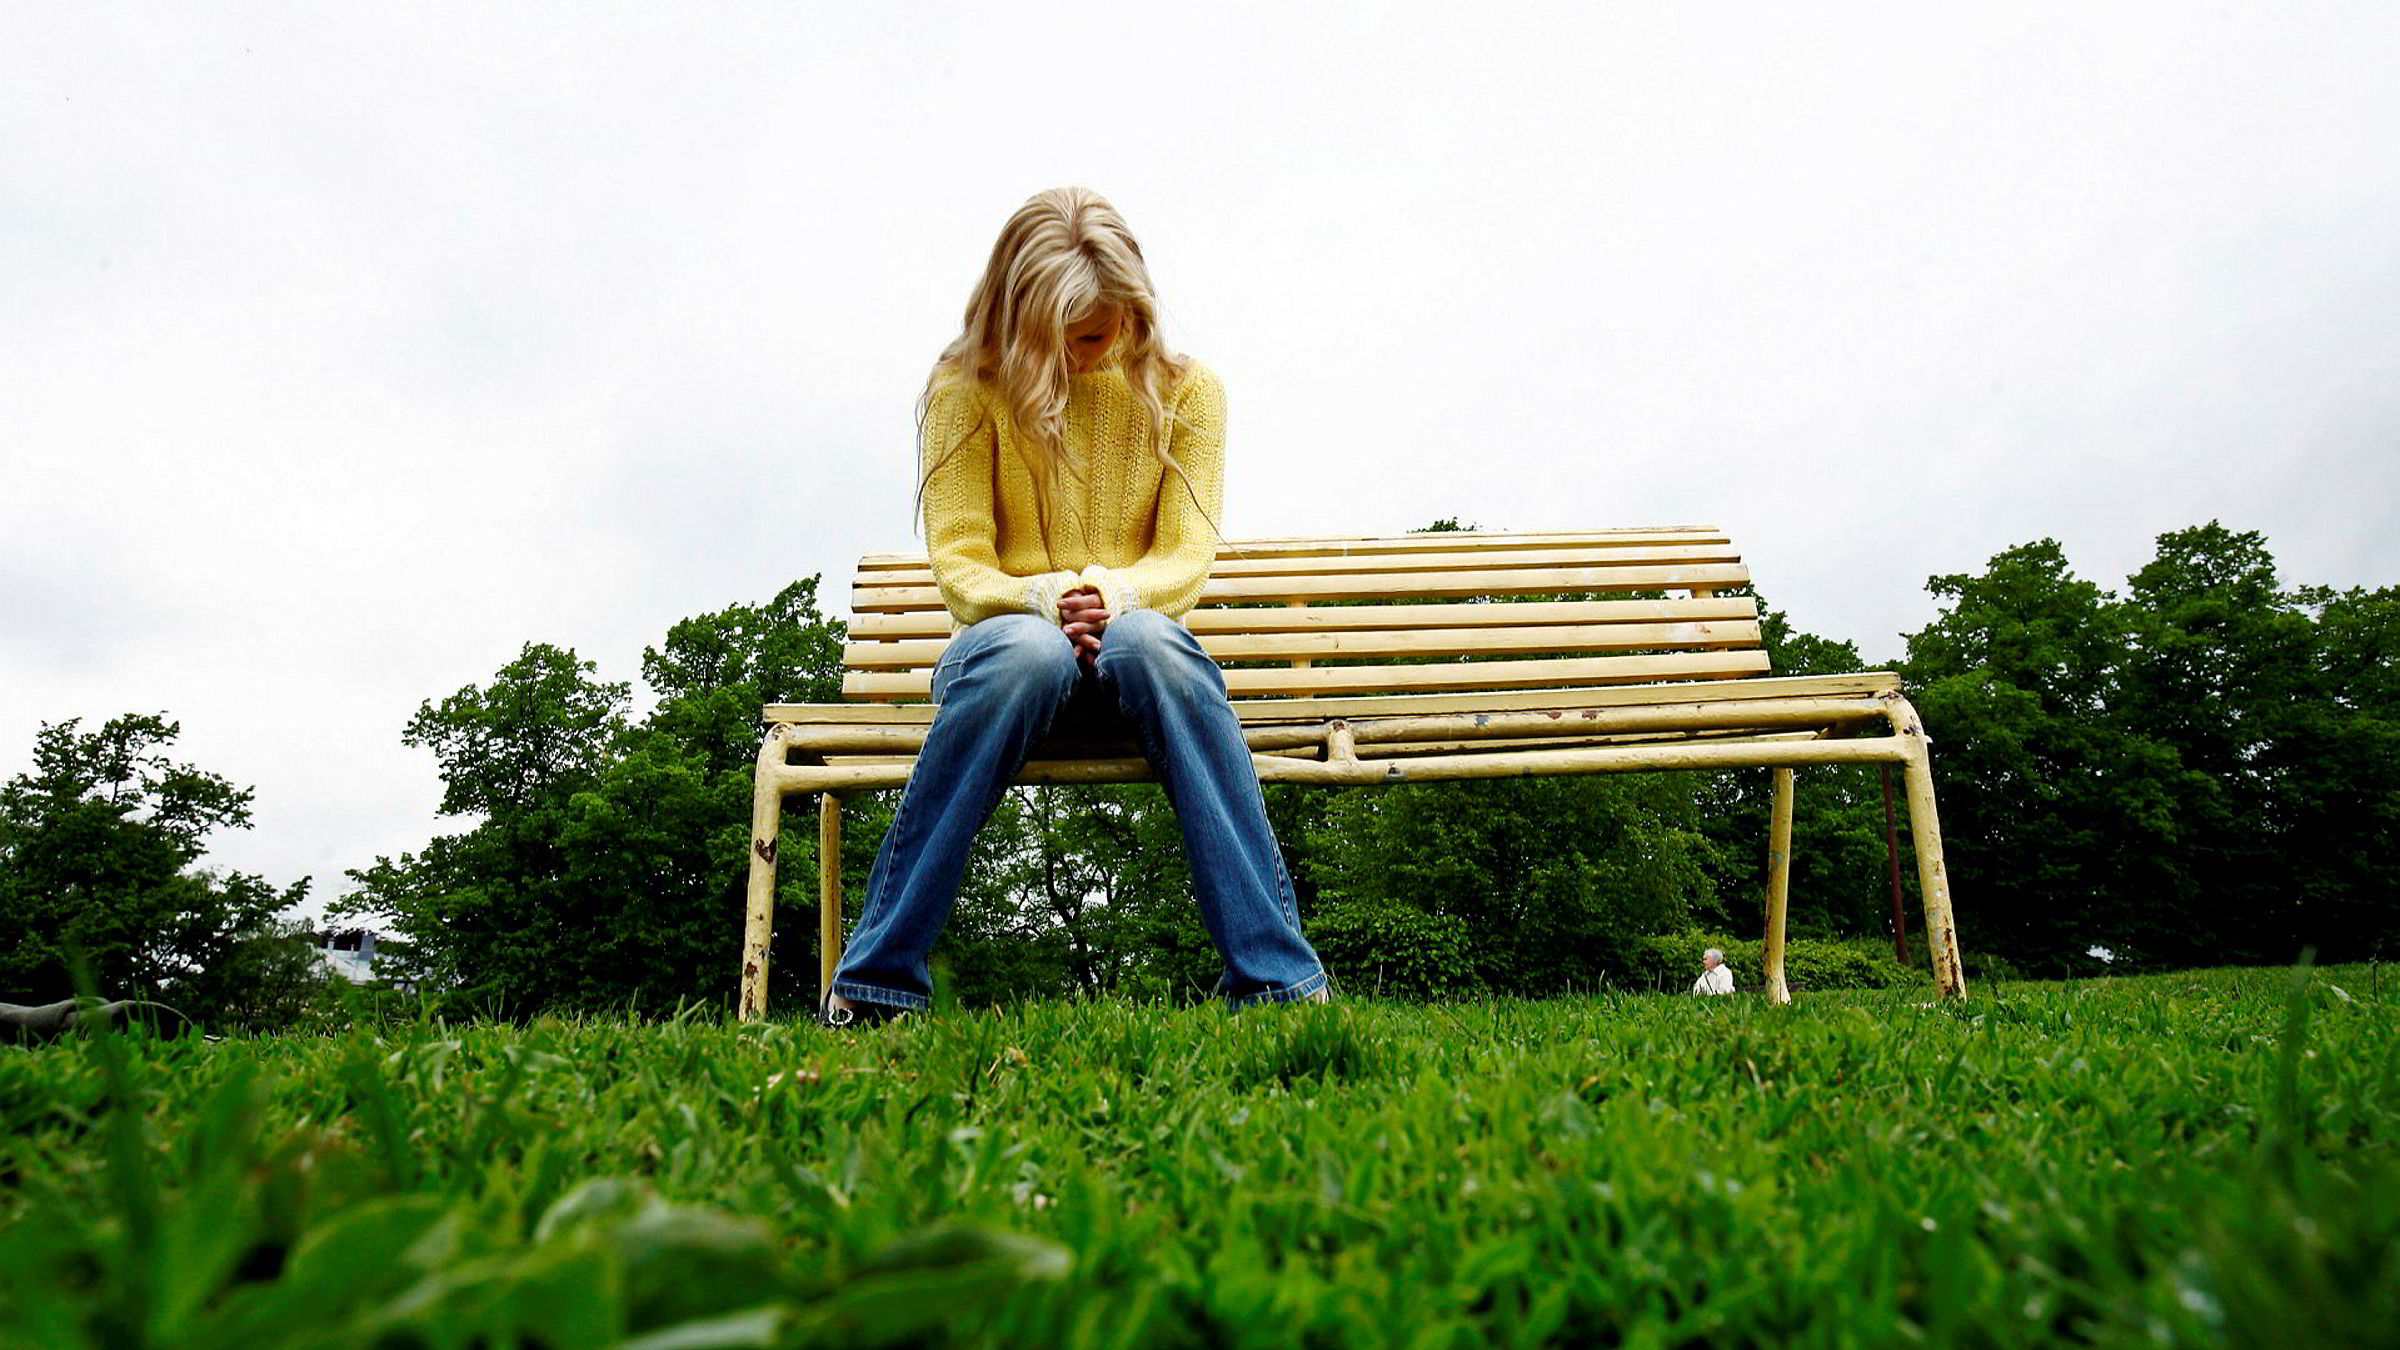 Den psykiske belastningen av å stå utenfor arbeid kan for mange starte en negativ spiral som for hver dag gjør det enda vanskeligere å komme seg i arbeid.